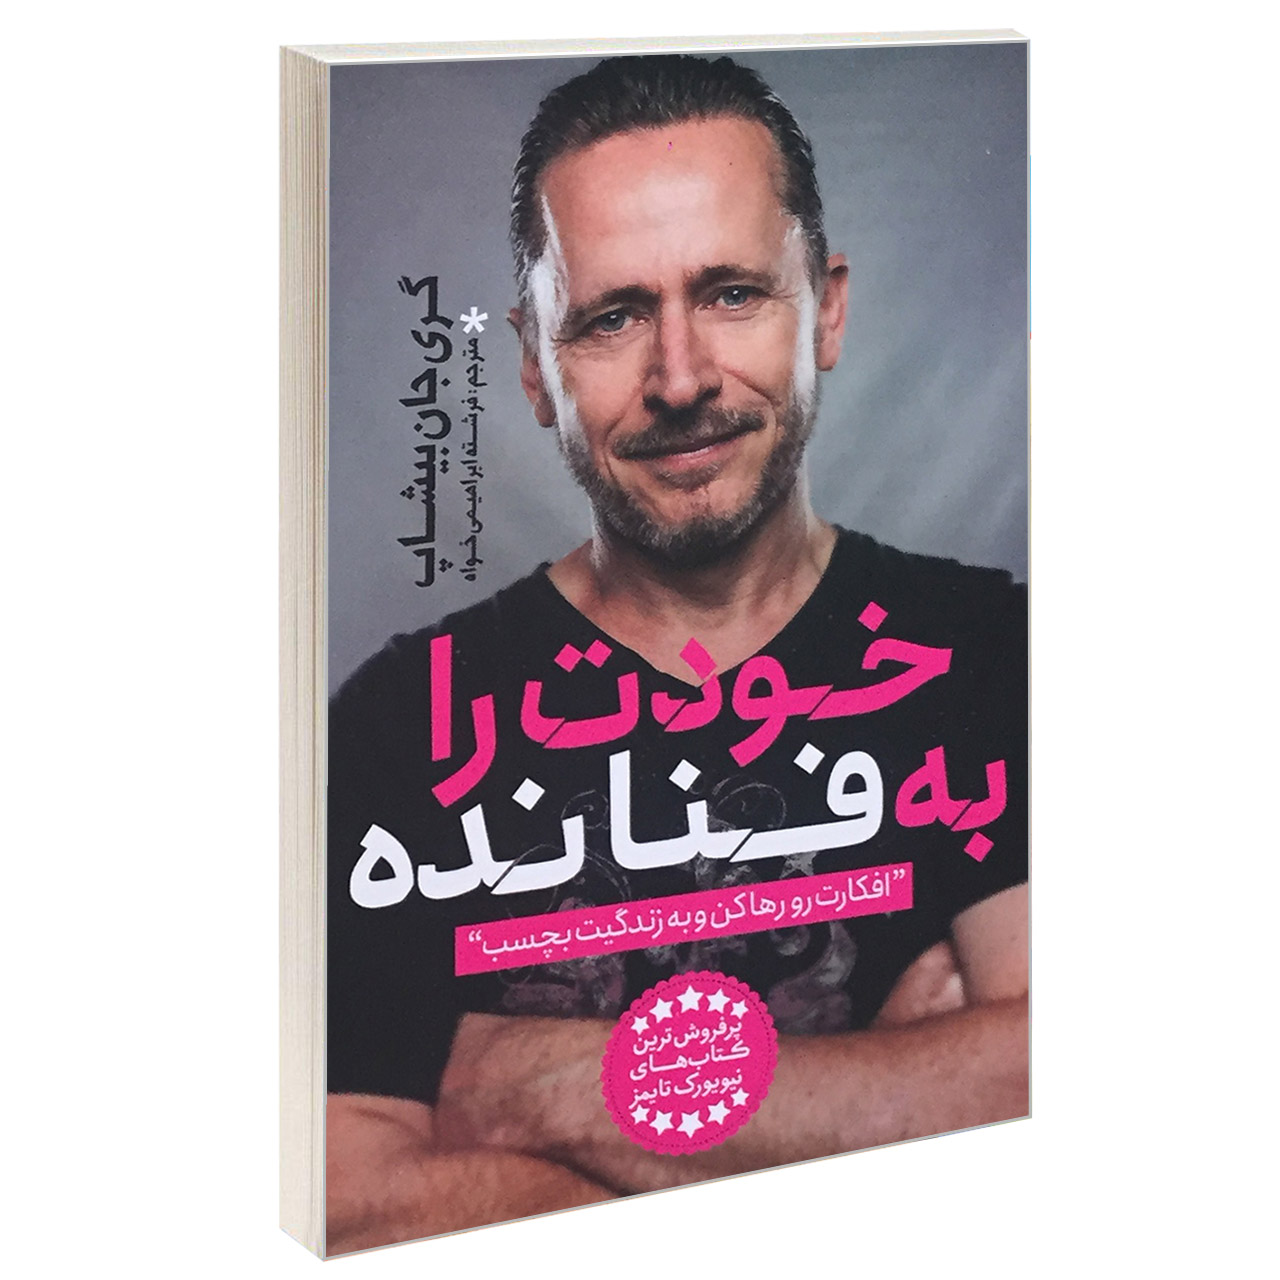 خرید                      کتاب خودت را به فنا نده اثر گری جان بیشاپ انتشارات یوشیتا